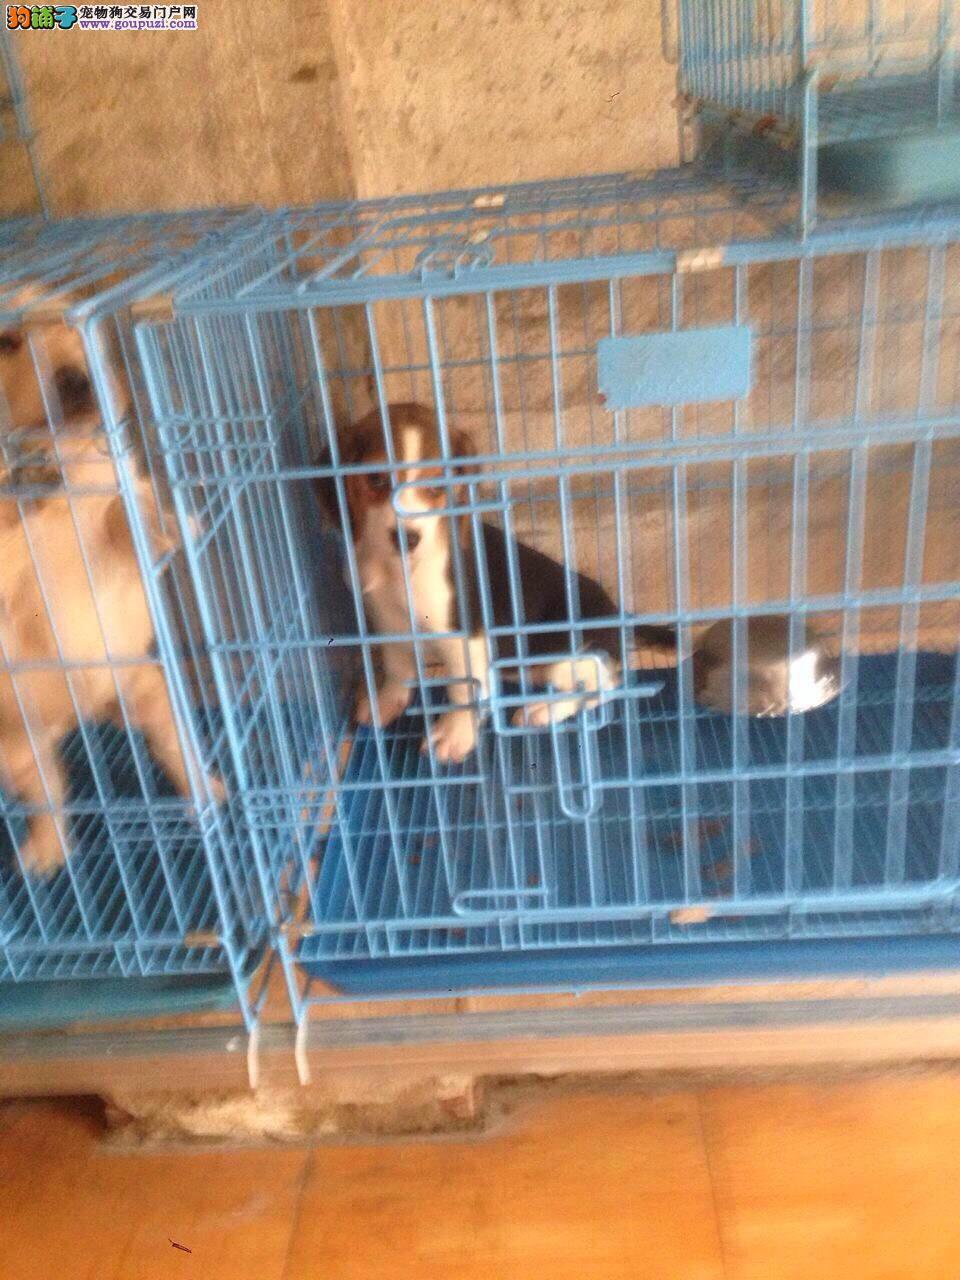 出售比格犬两三个月的小狗/普陀区赛级比格